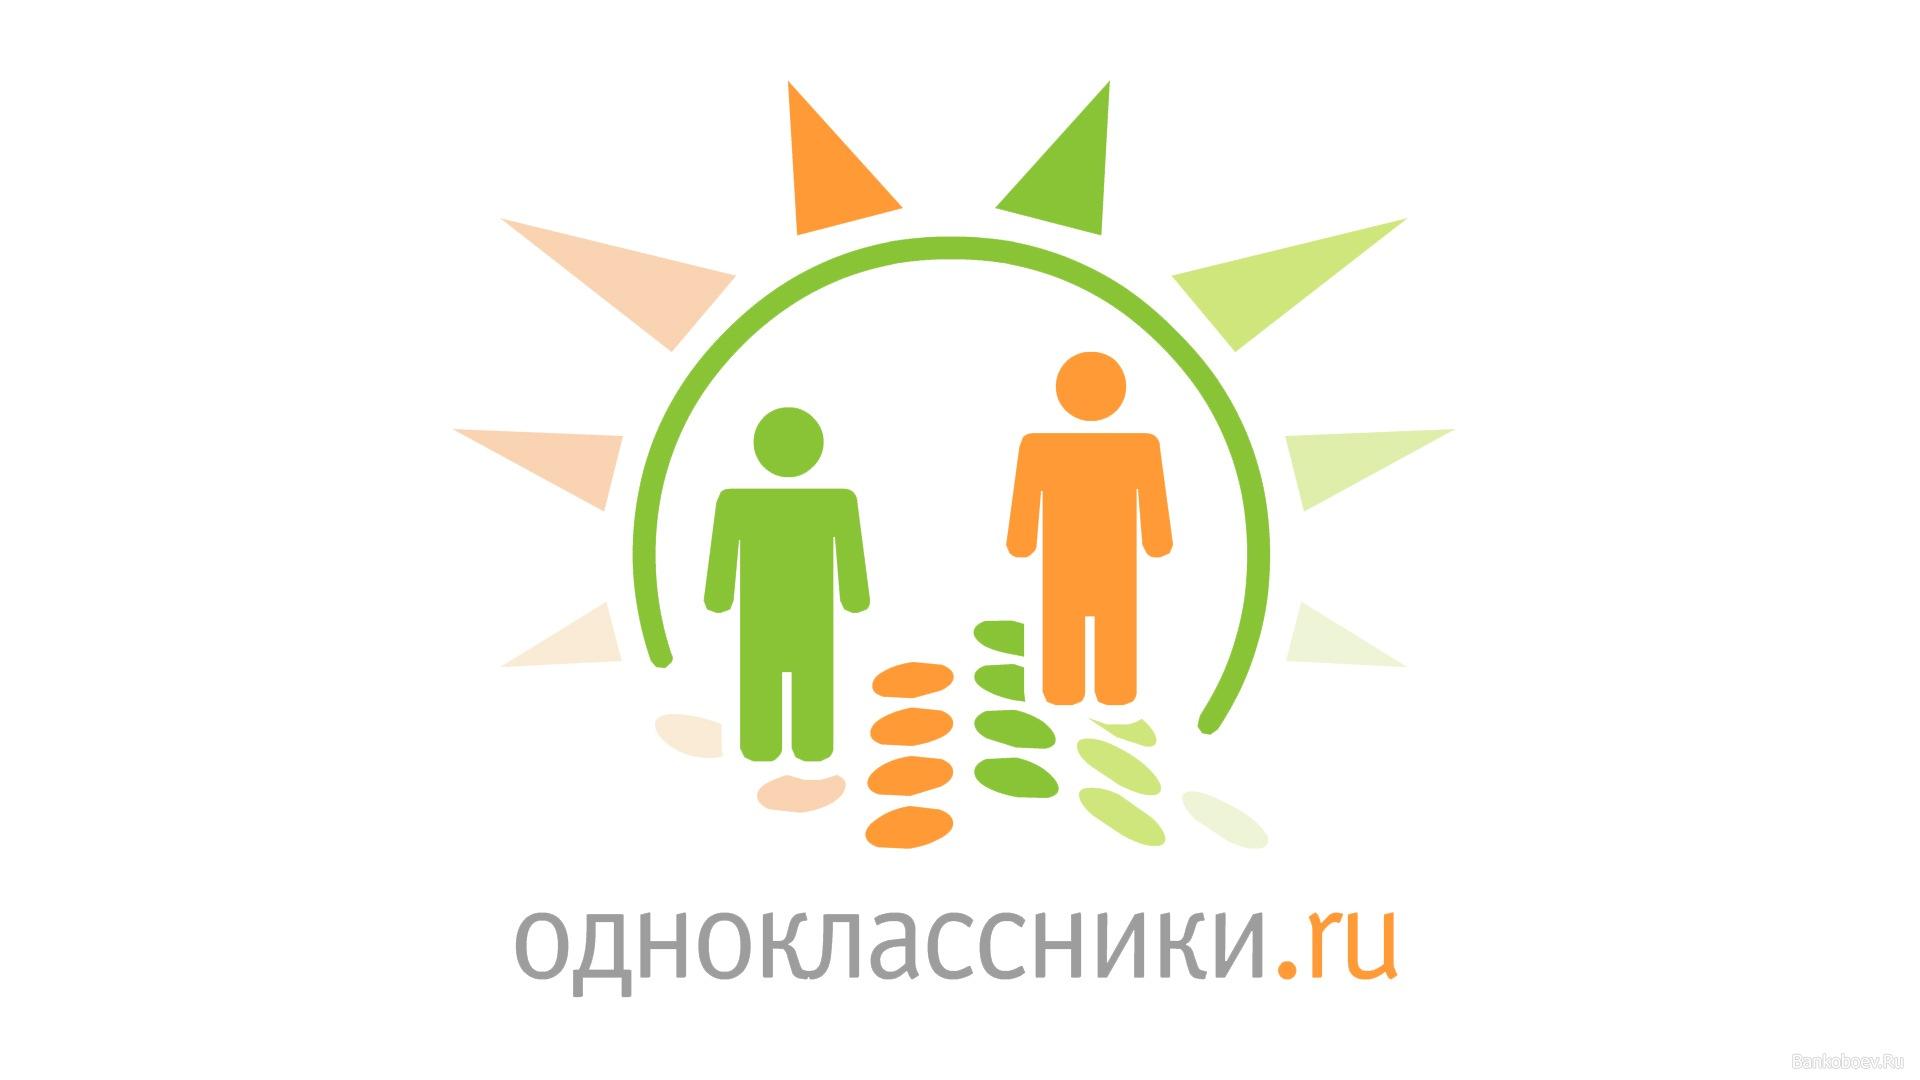 me social club скачать - 19 Ноября 2013 - Скачать читы